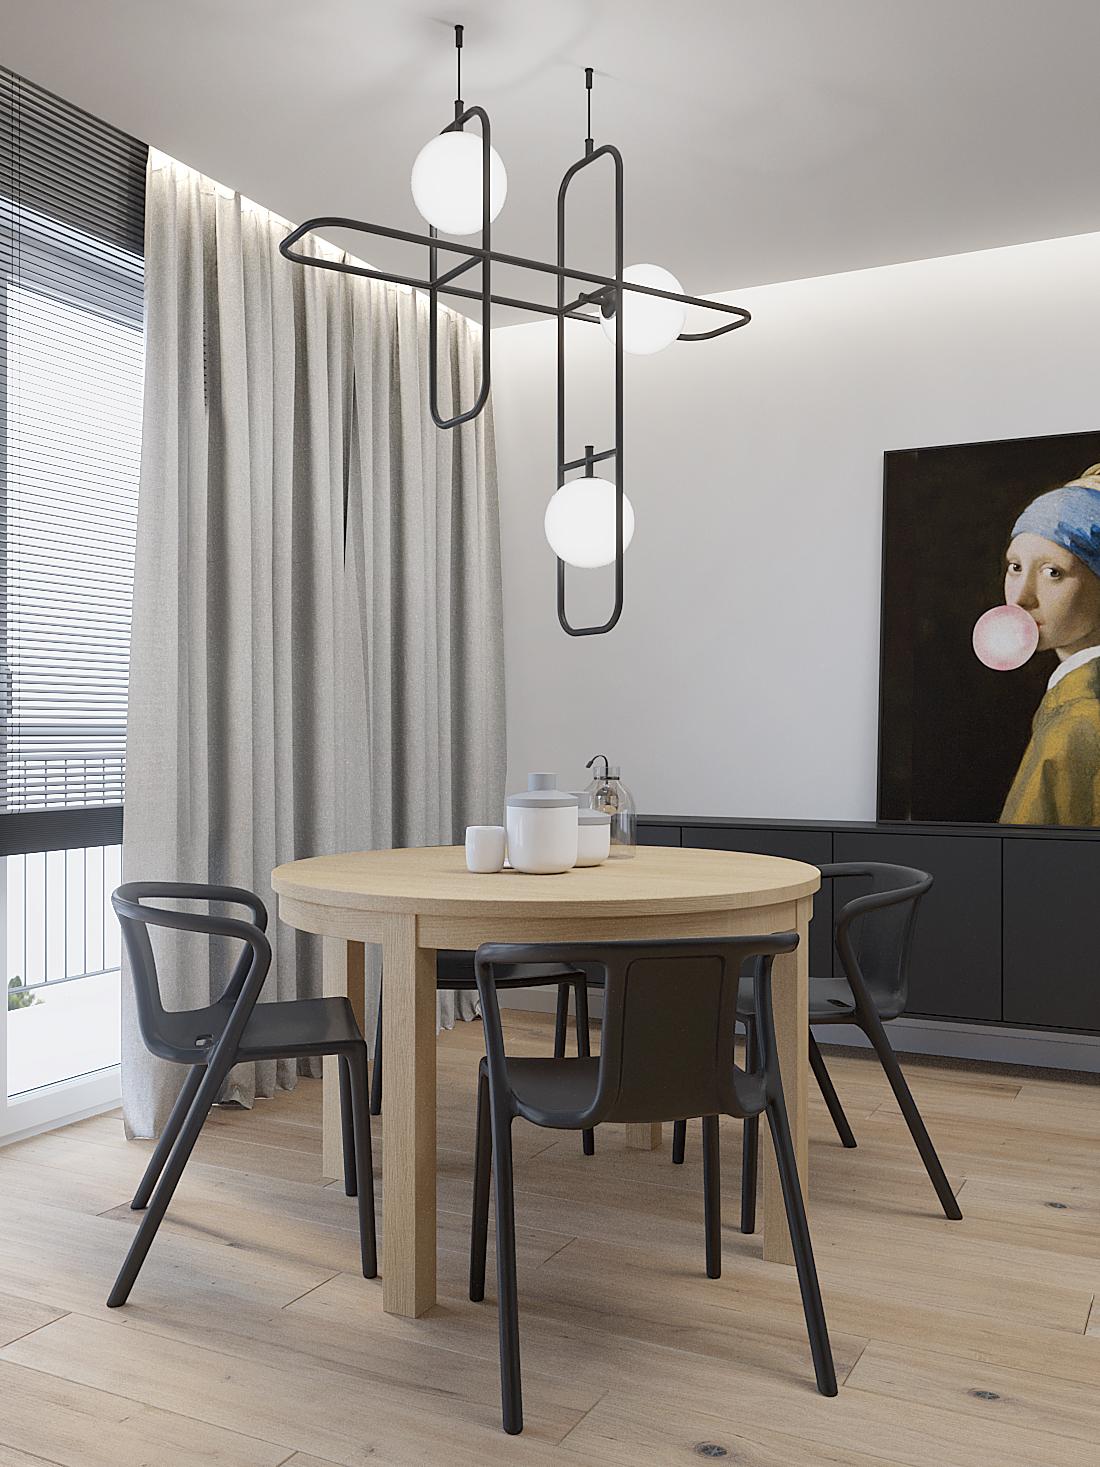 8 aranzacja wnetrz M387 mieszkanie Katowice jadalnia drewniany okragly stol czarne krzesla loftowa lampa nad stolem